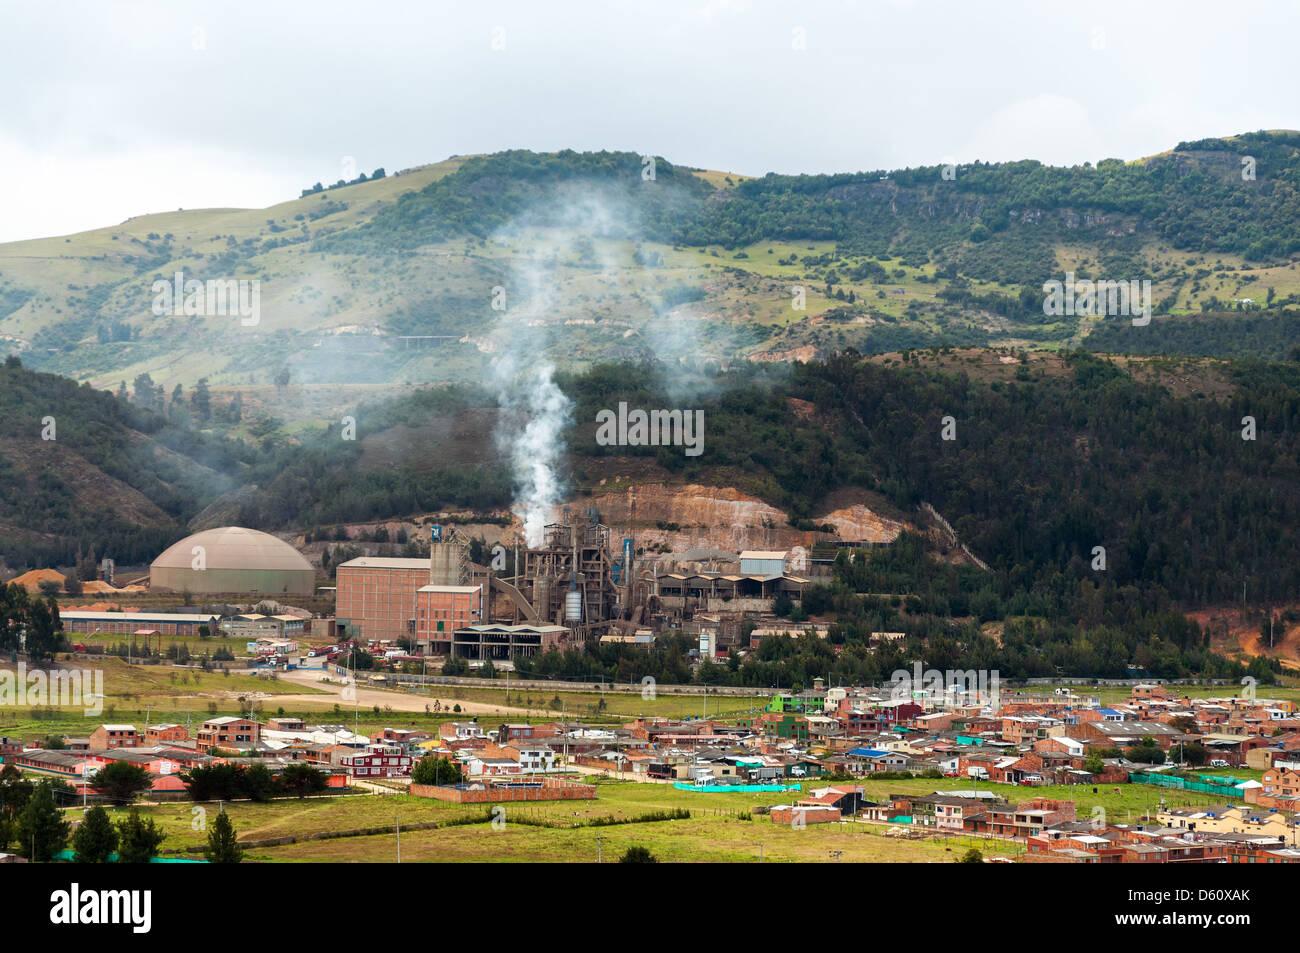 Una fabbrica di produzione di inquinamento nei pressi di una piccola città Immagini Stock